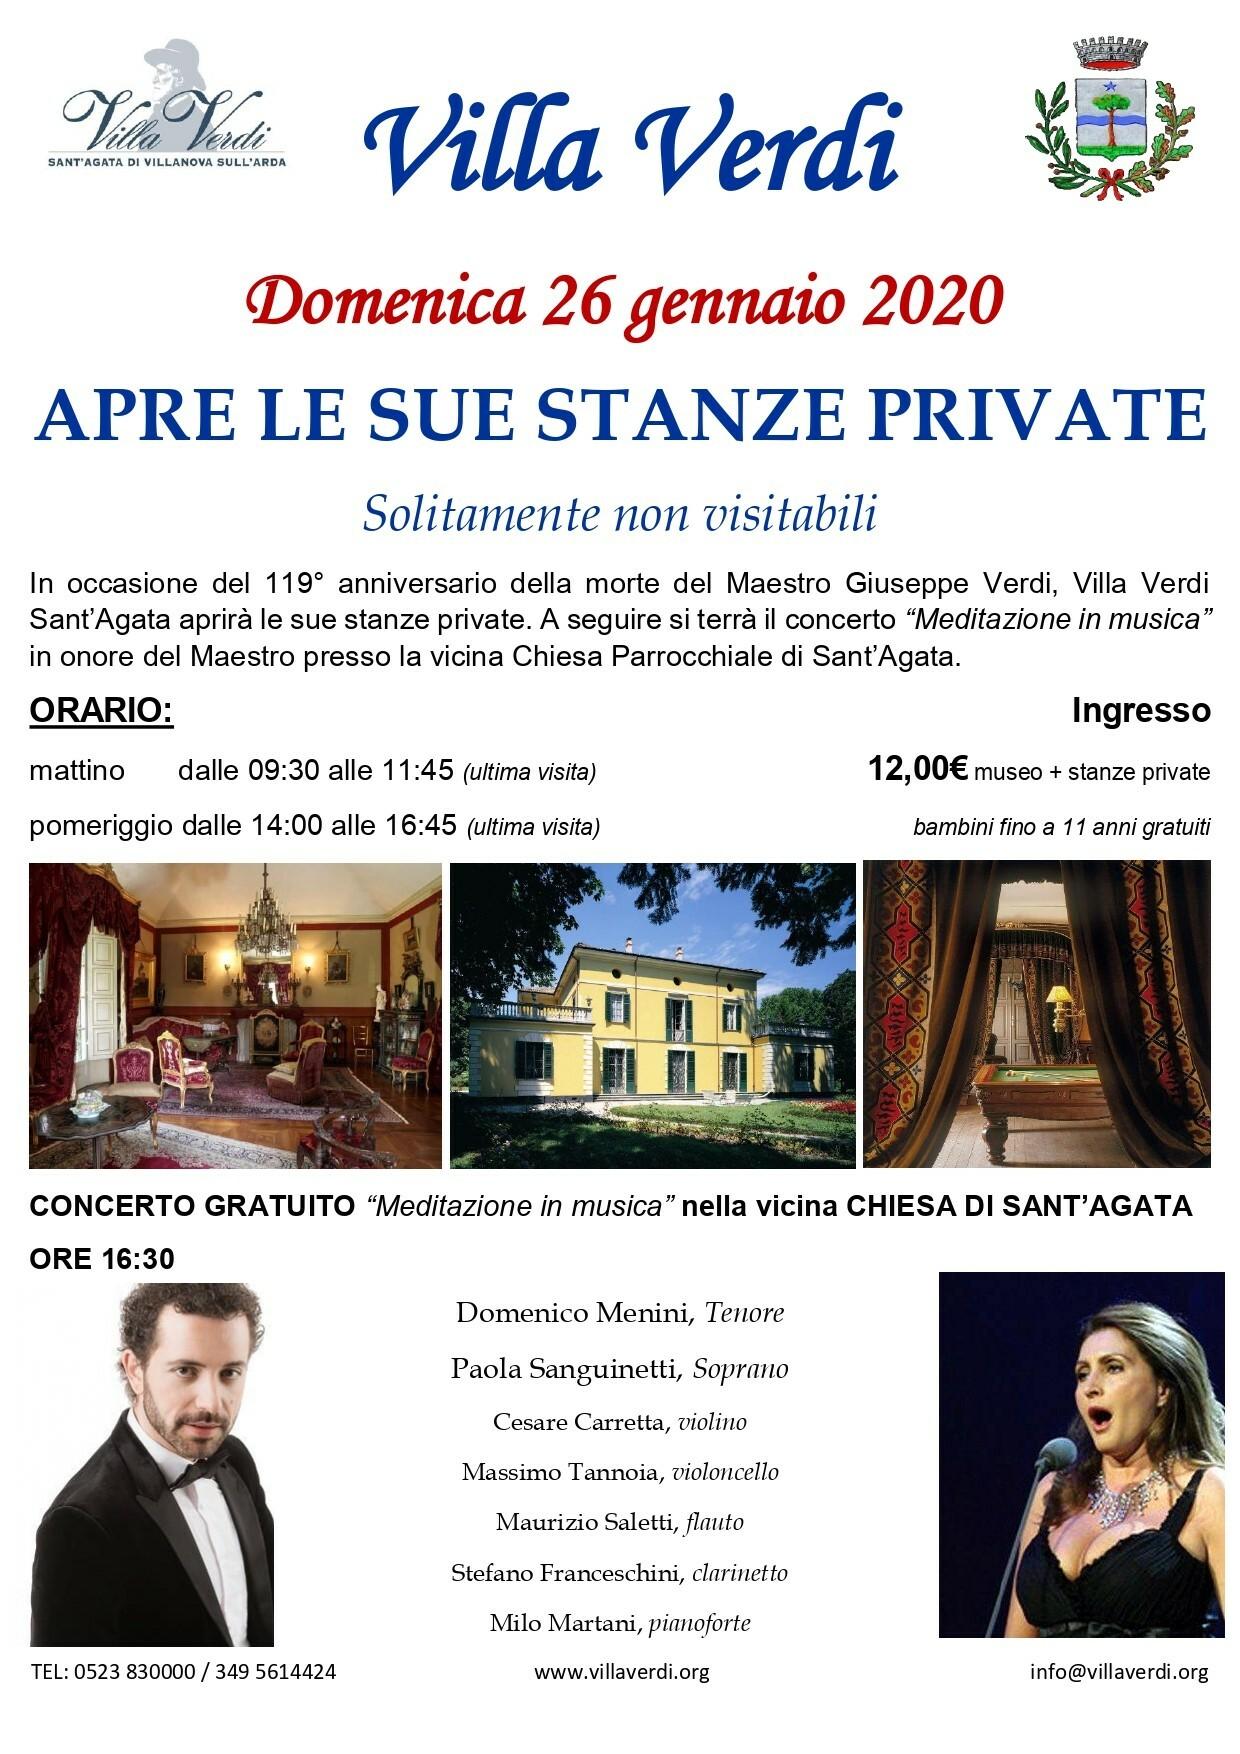 Apertura straordinaria delle stanze private di Villa Giuseppe Verdi in occasione del 119° anniversario della morte del Maestro.